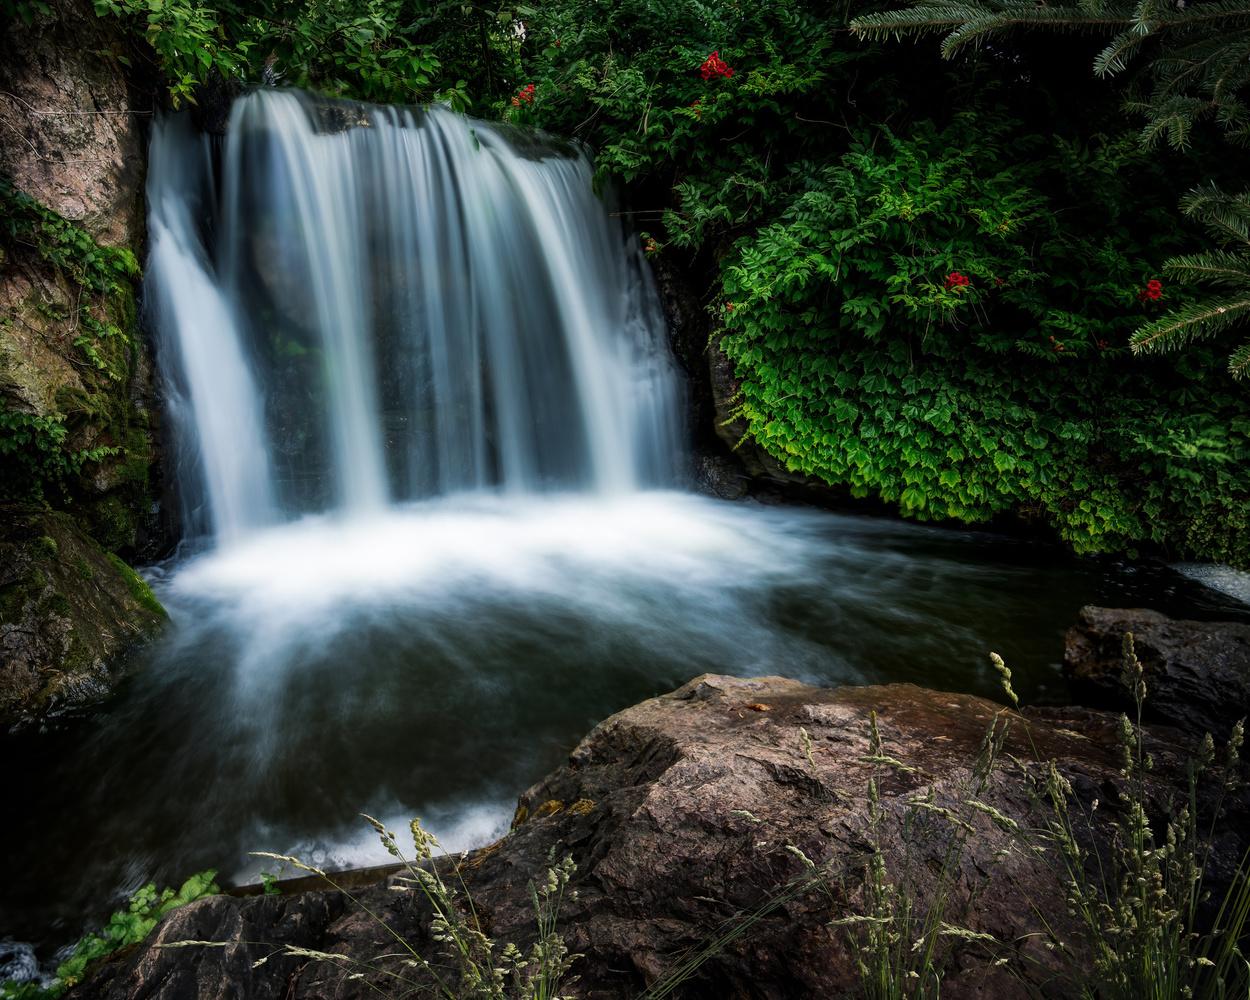 Waterfall by Skyler Ewing